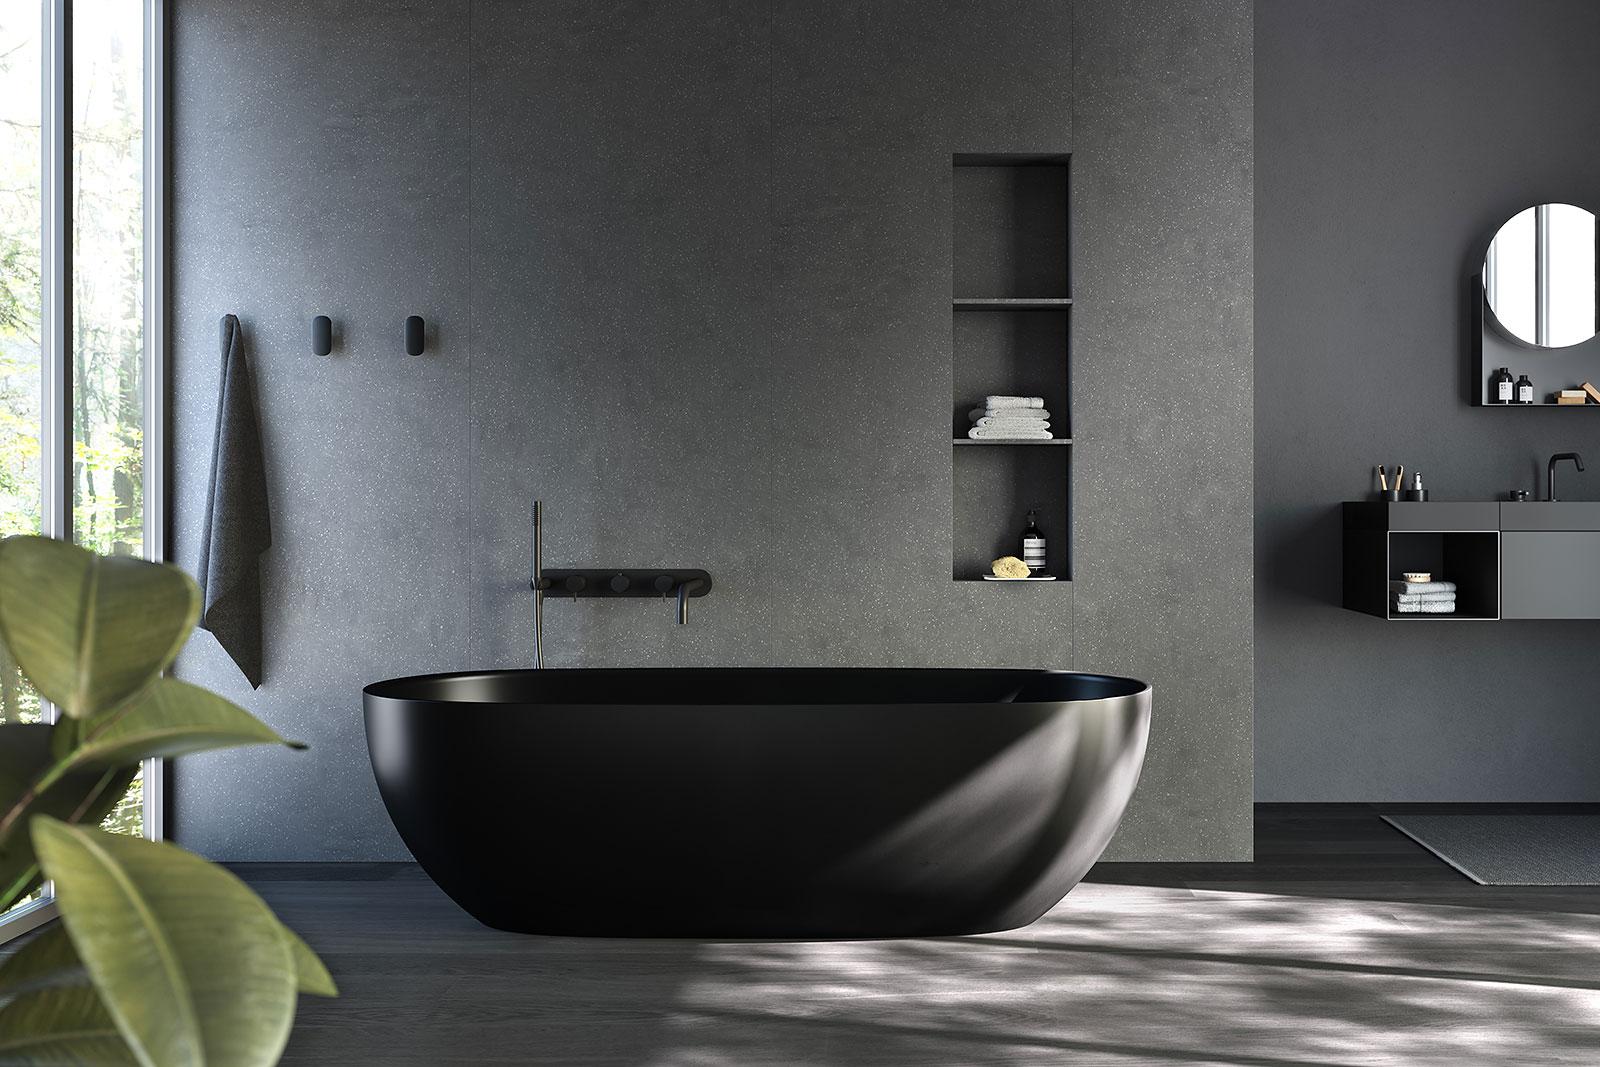 Rexa Design Badewanne Schweiz, Zürich, Zug, Luzern, St. Gallen sowie Fürstentum Liechtenstein